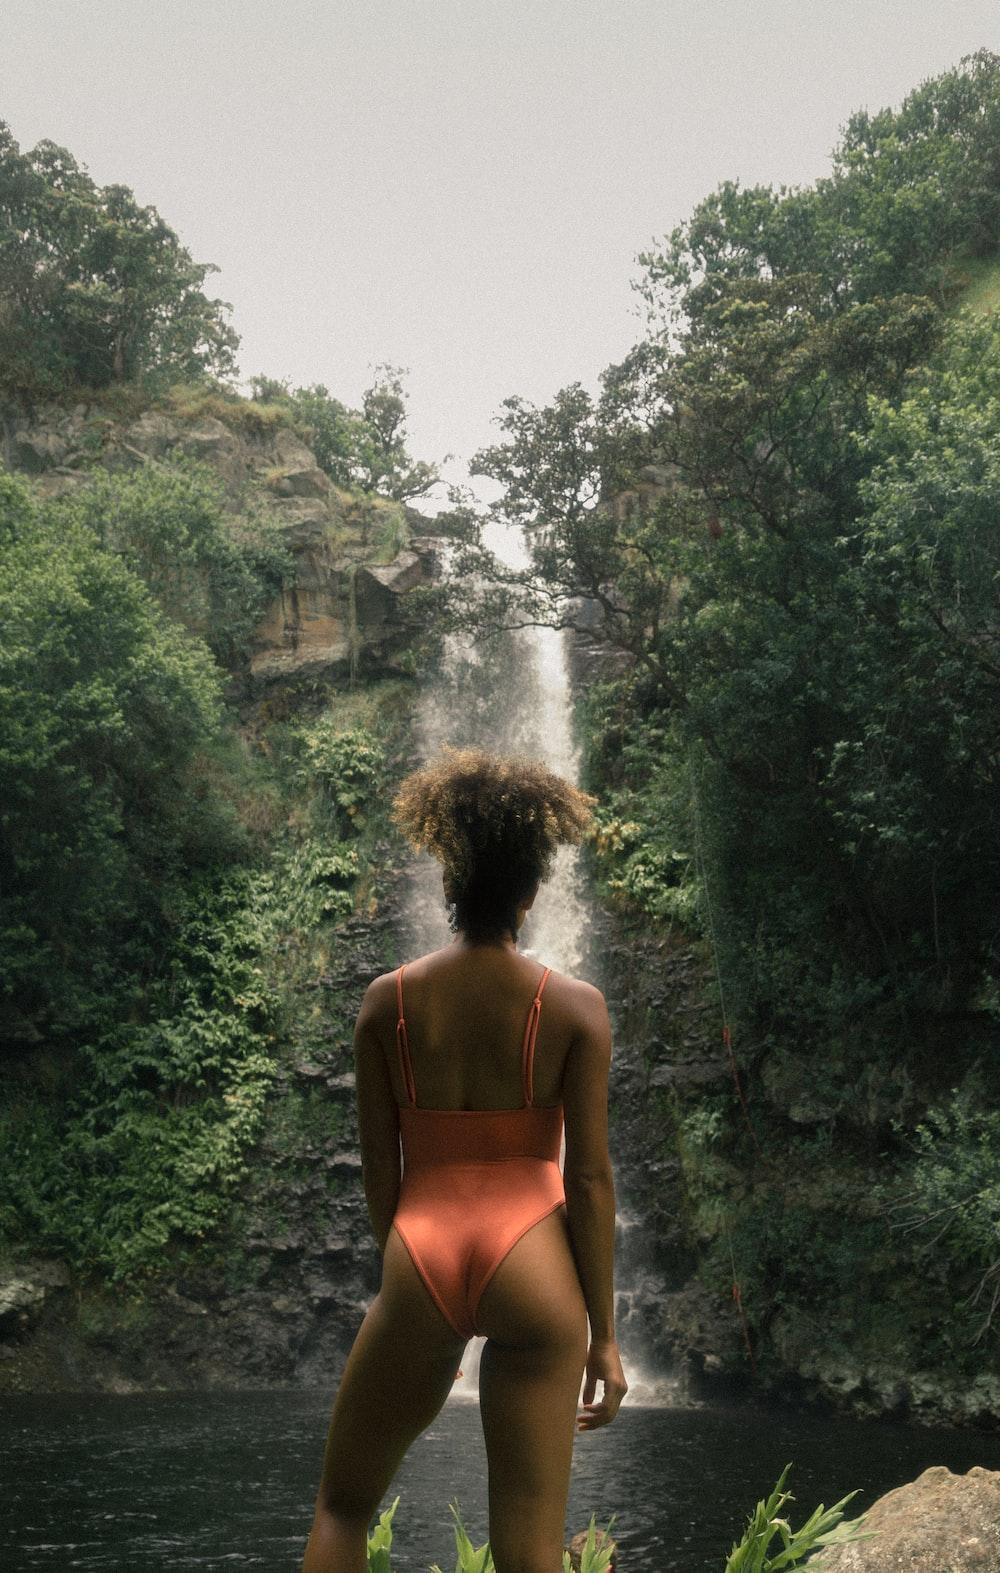 woman wearing orange swimsuit facing waterfalls